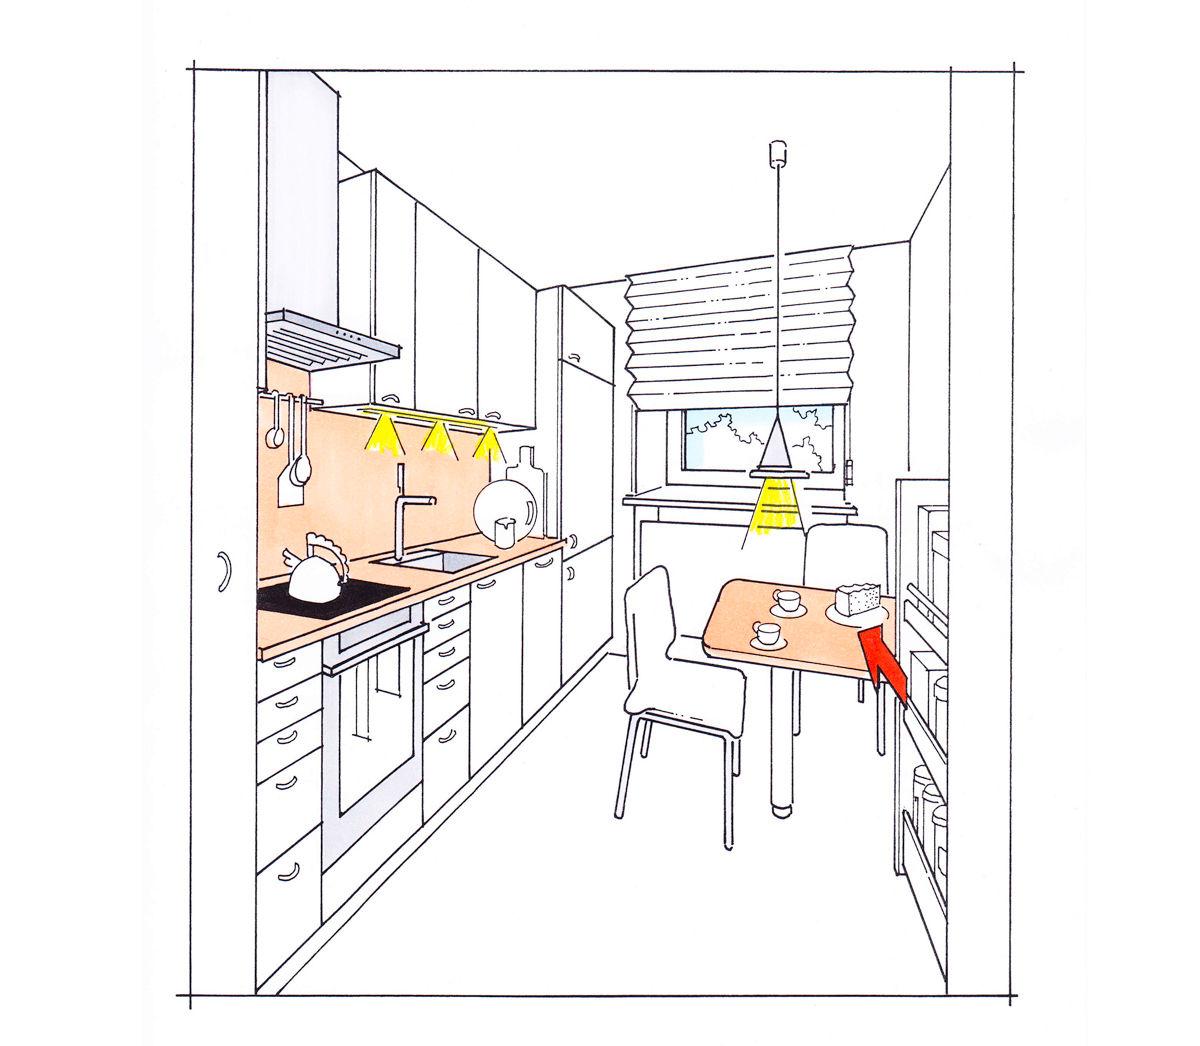 ideen f r mehr platz und funktionalit t in jeder k che zuhause wohnen. Black Bedroom Furniture Sets. Home Design Ideas